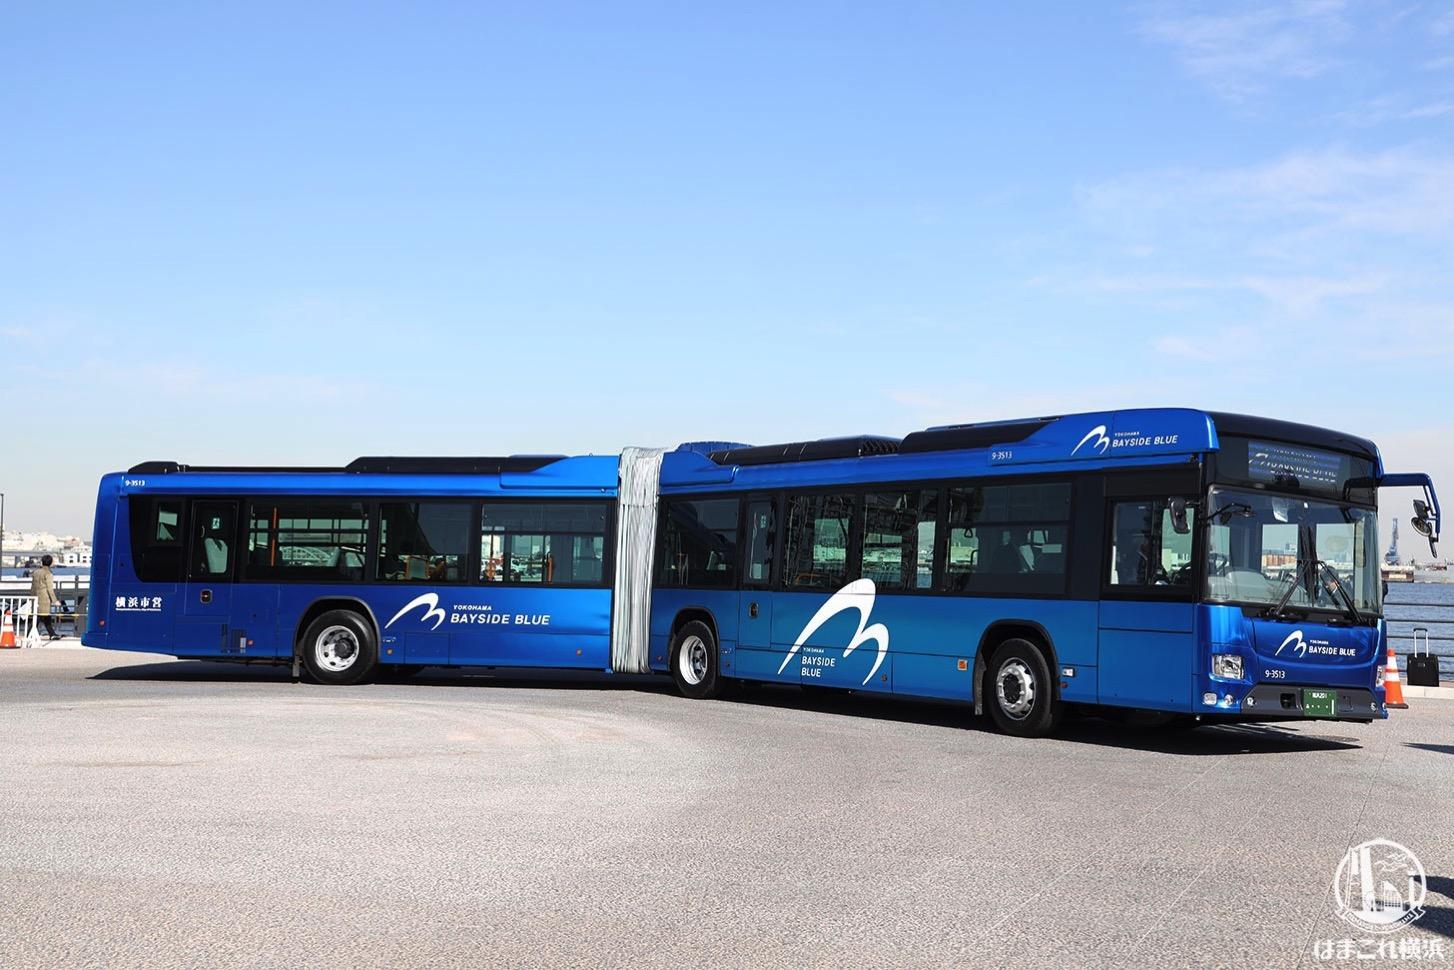 連接バス「ベイサイドブルー」